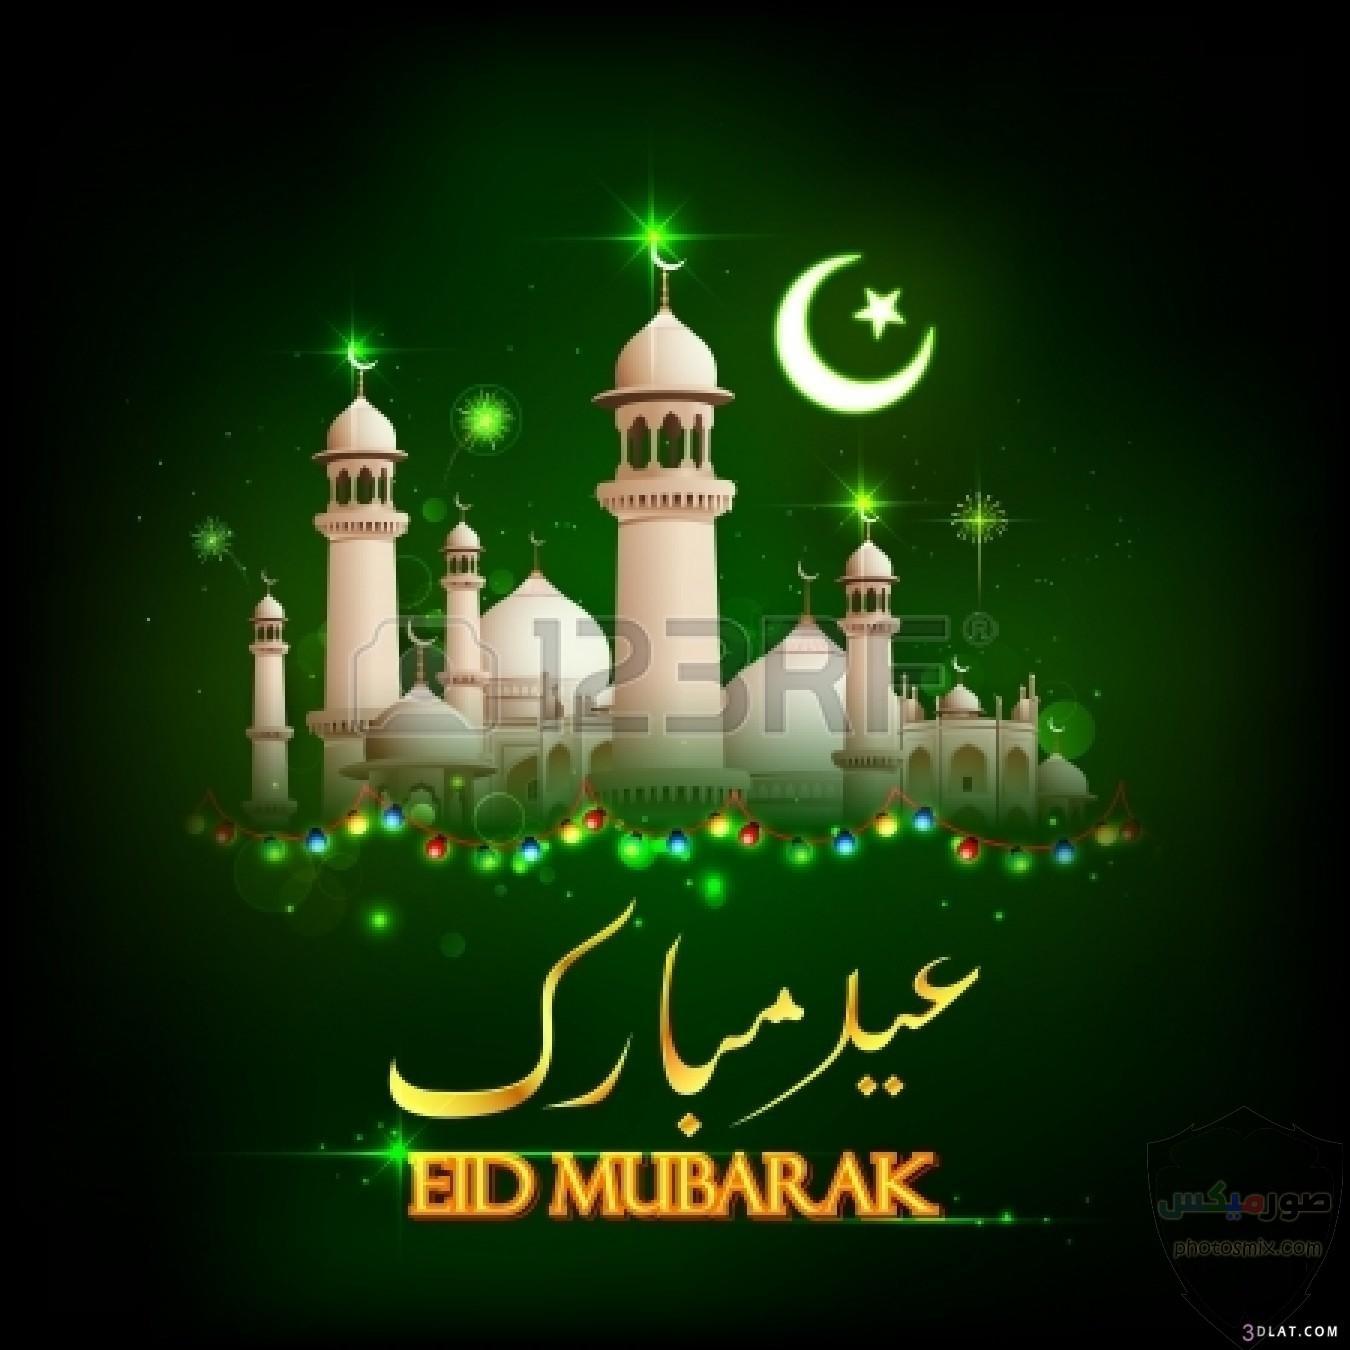 صور عيد الفطر صور برقيات وتهنئة بالعيد الصغير خلفيات فيس بوك وواتس اب بعيد الفطر 16